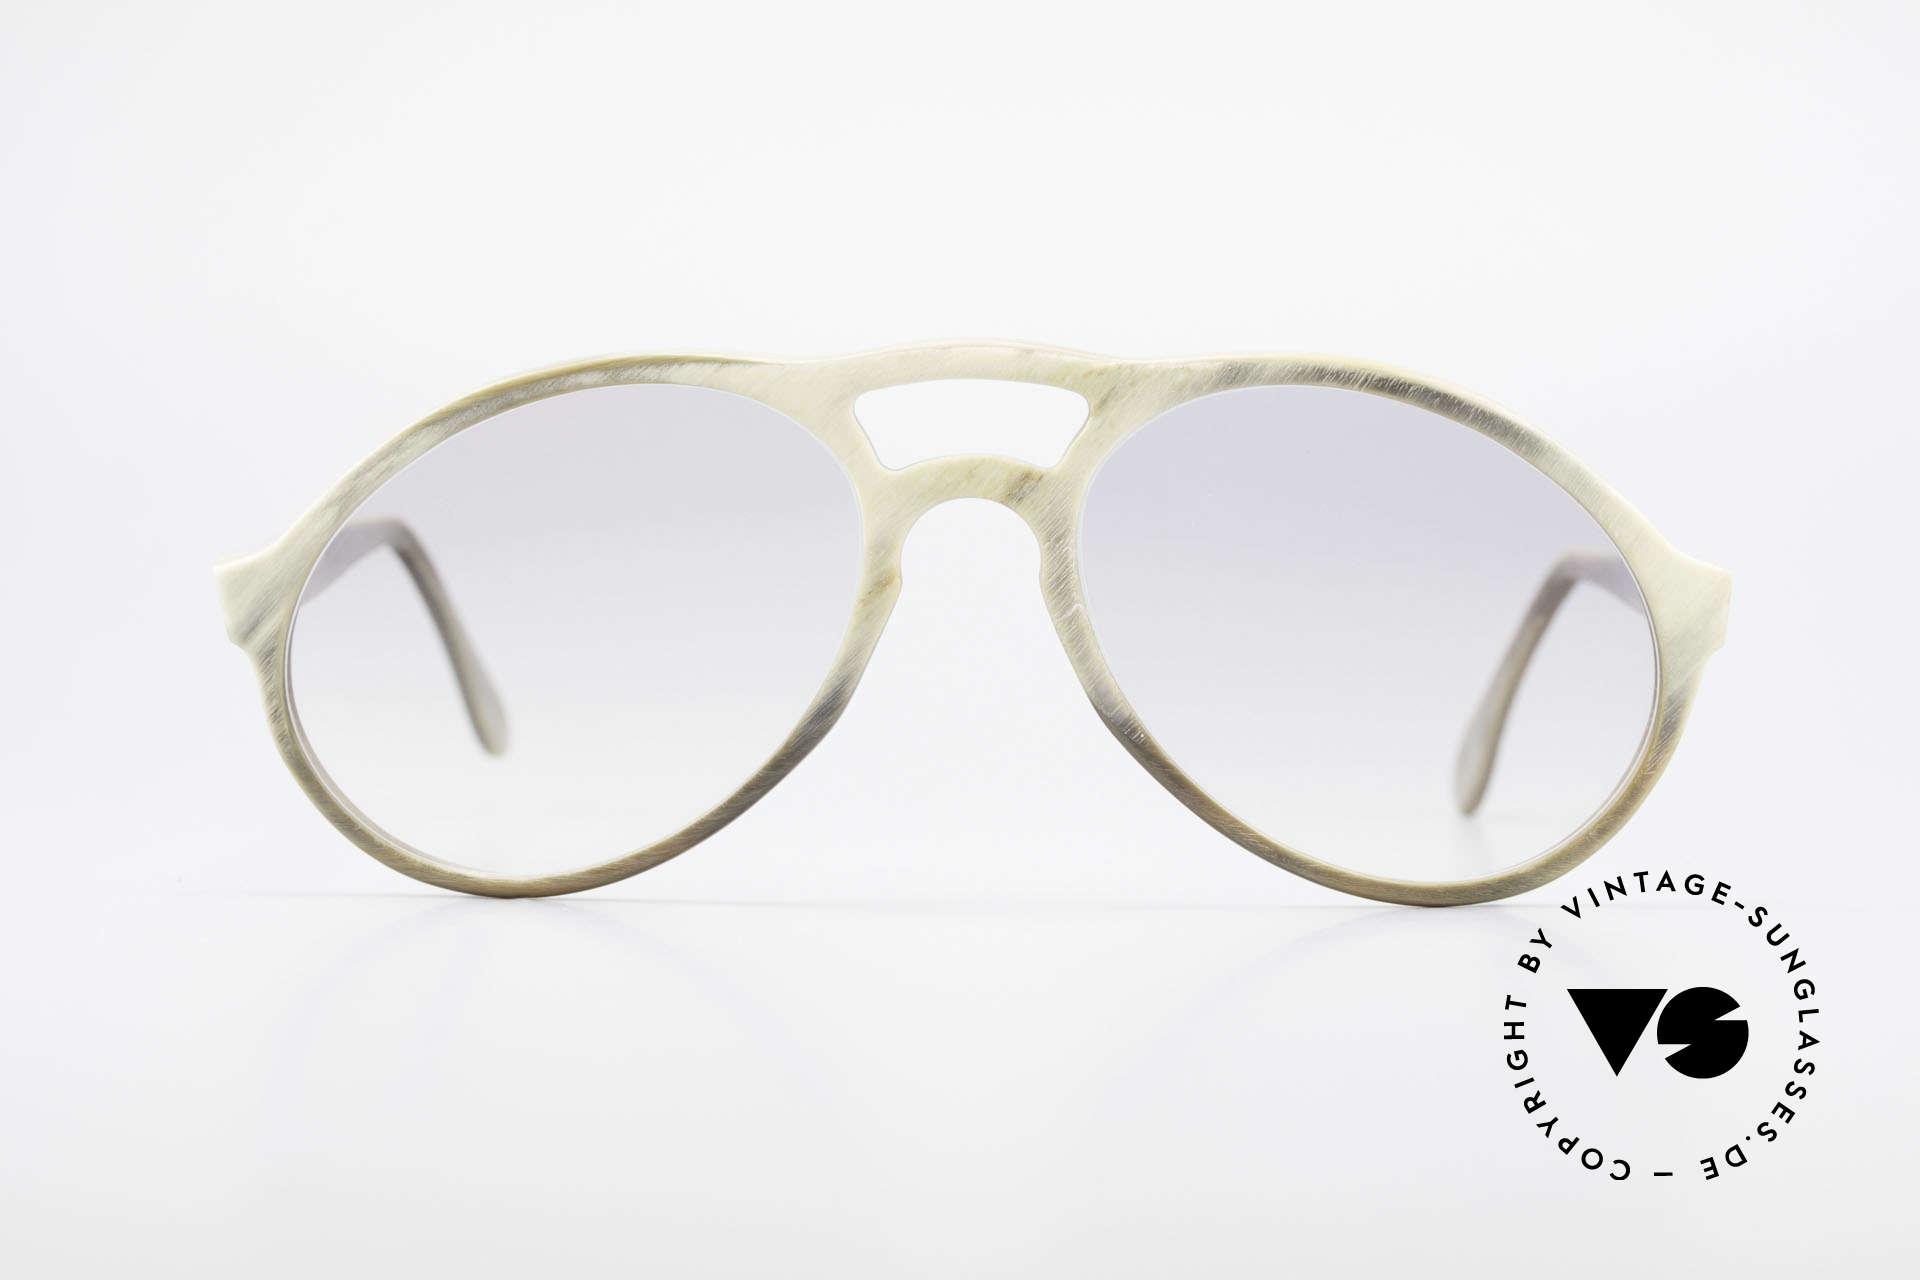 Bugatti 55020 Echt Büffelhorn Sonnenbrille, extrem seltenes Designerstück aus echtem Büffelhorn, Passend für Herren